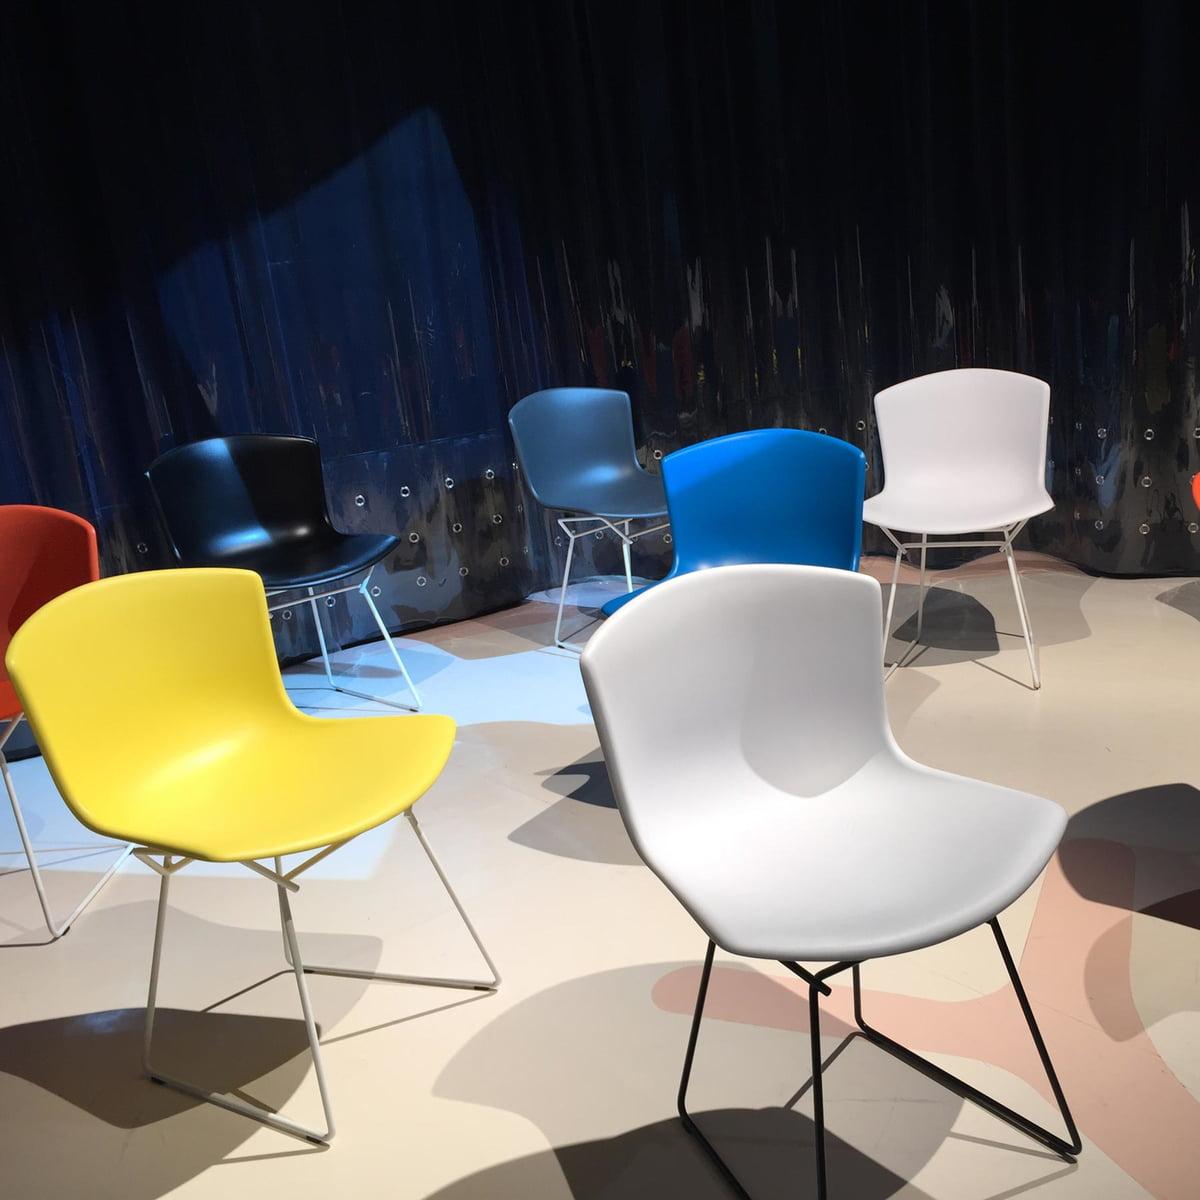 bertoia chaise en plastique de knoll. Black Bedroom Furniture Sets. Home Design Ideas